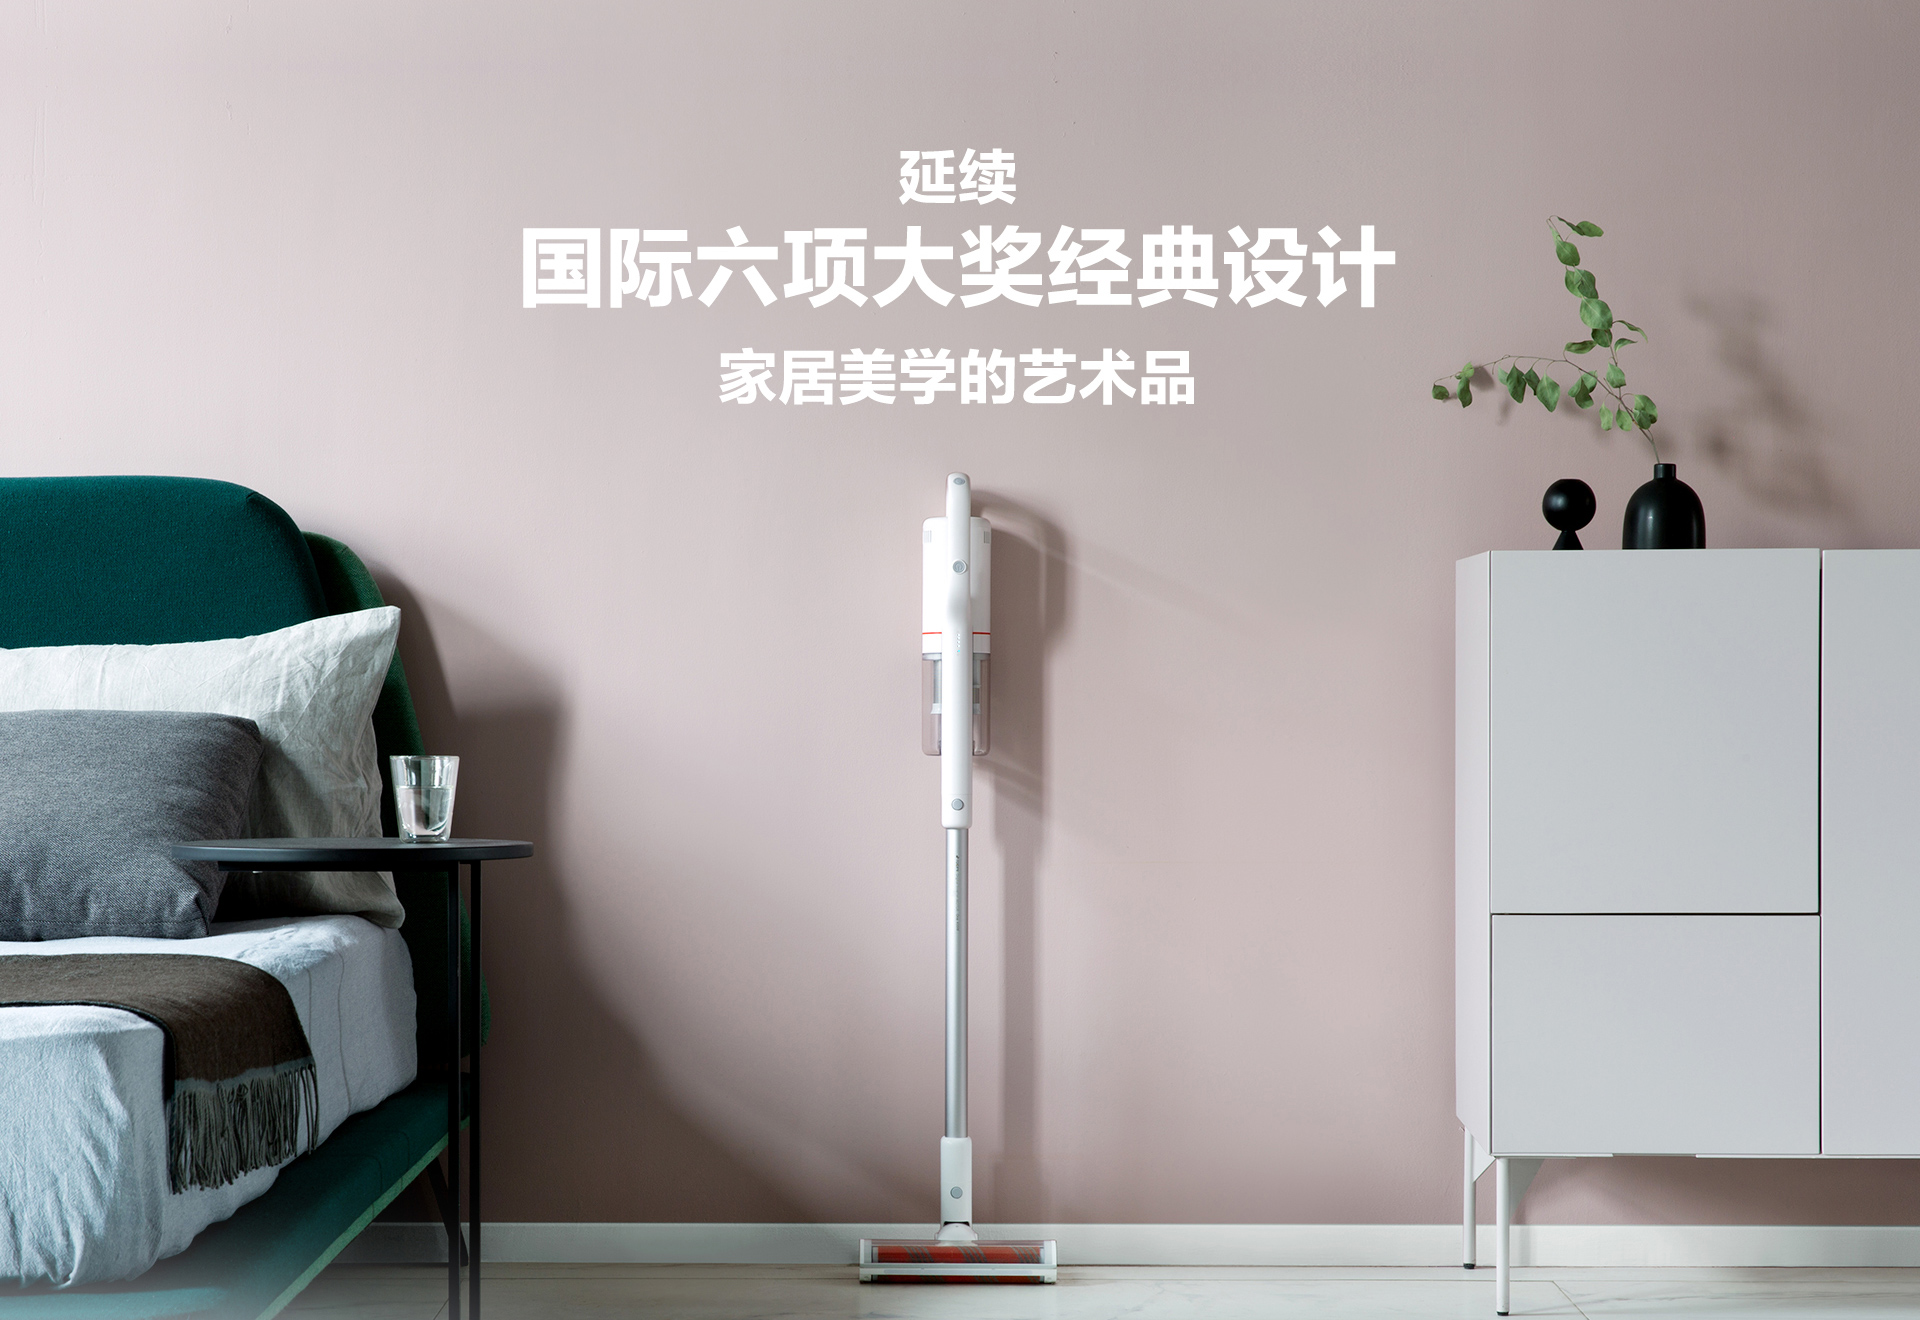 睿米手持无线吸尘器延续国际六项大奖经典设计,流线型的设计使得整个吸尘器看起来非常美观